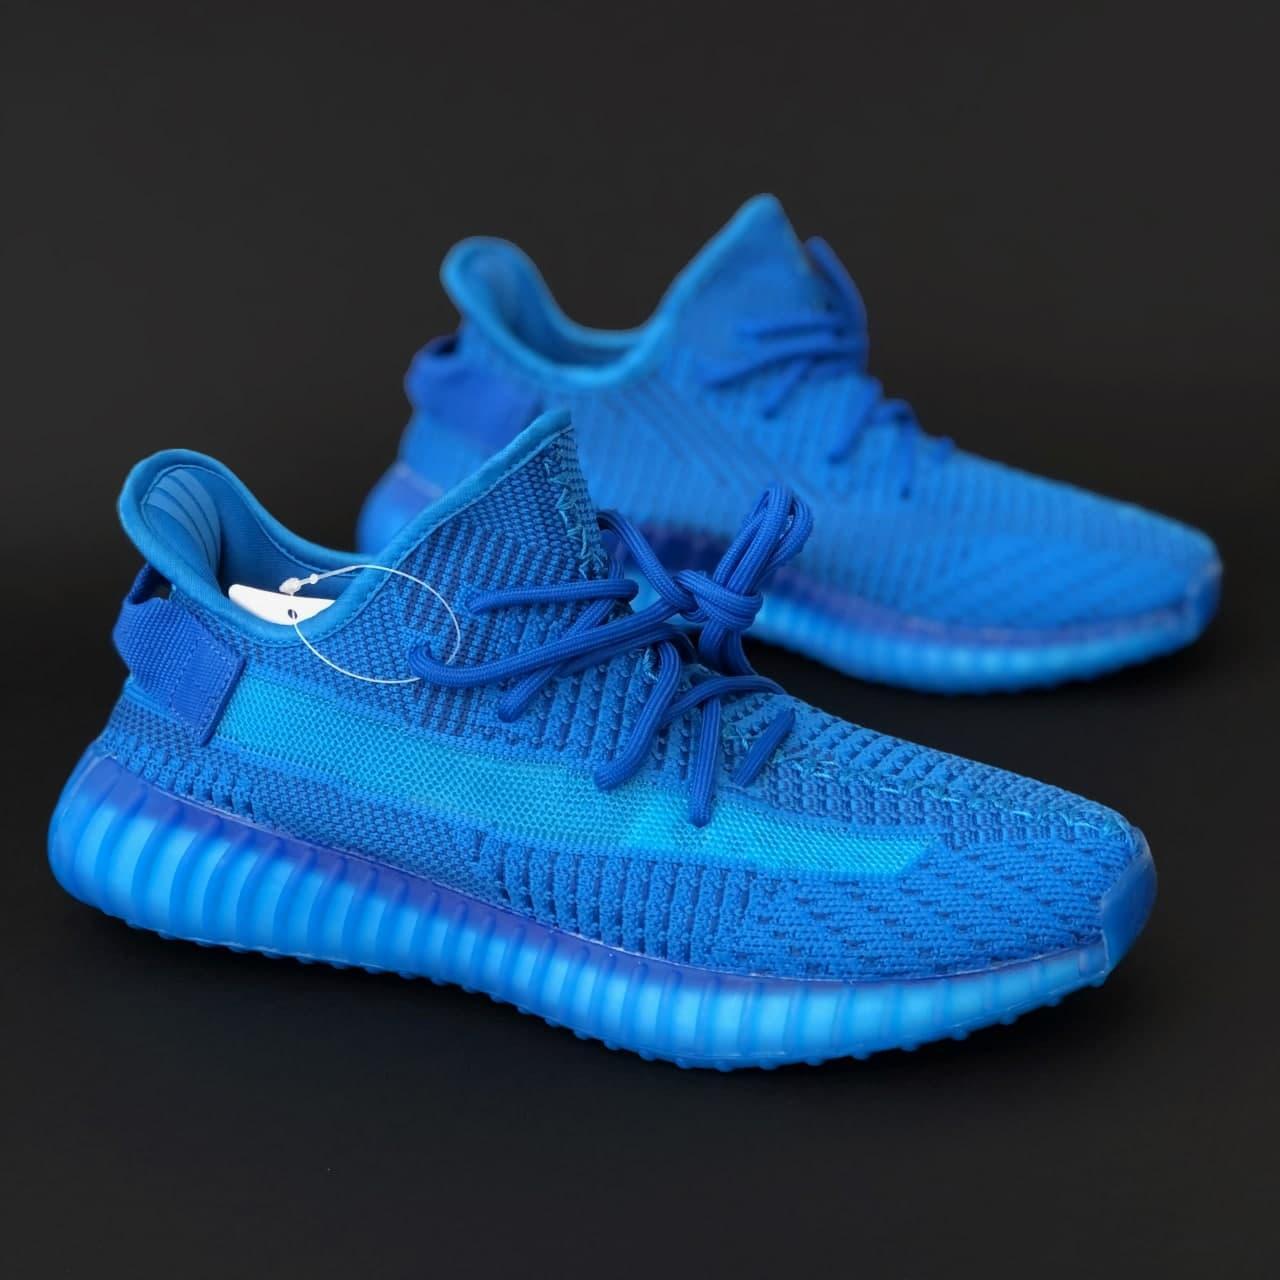 Женские кроссовки Adidas Yeezy Boost 350 v2 blue